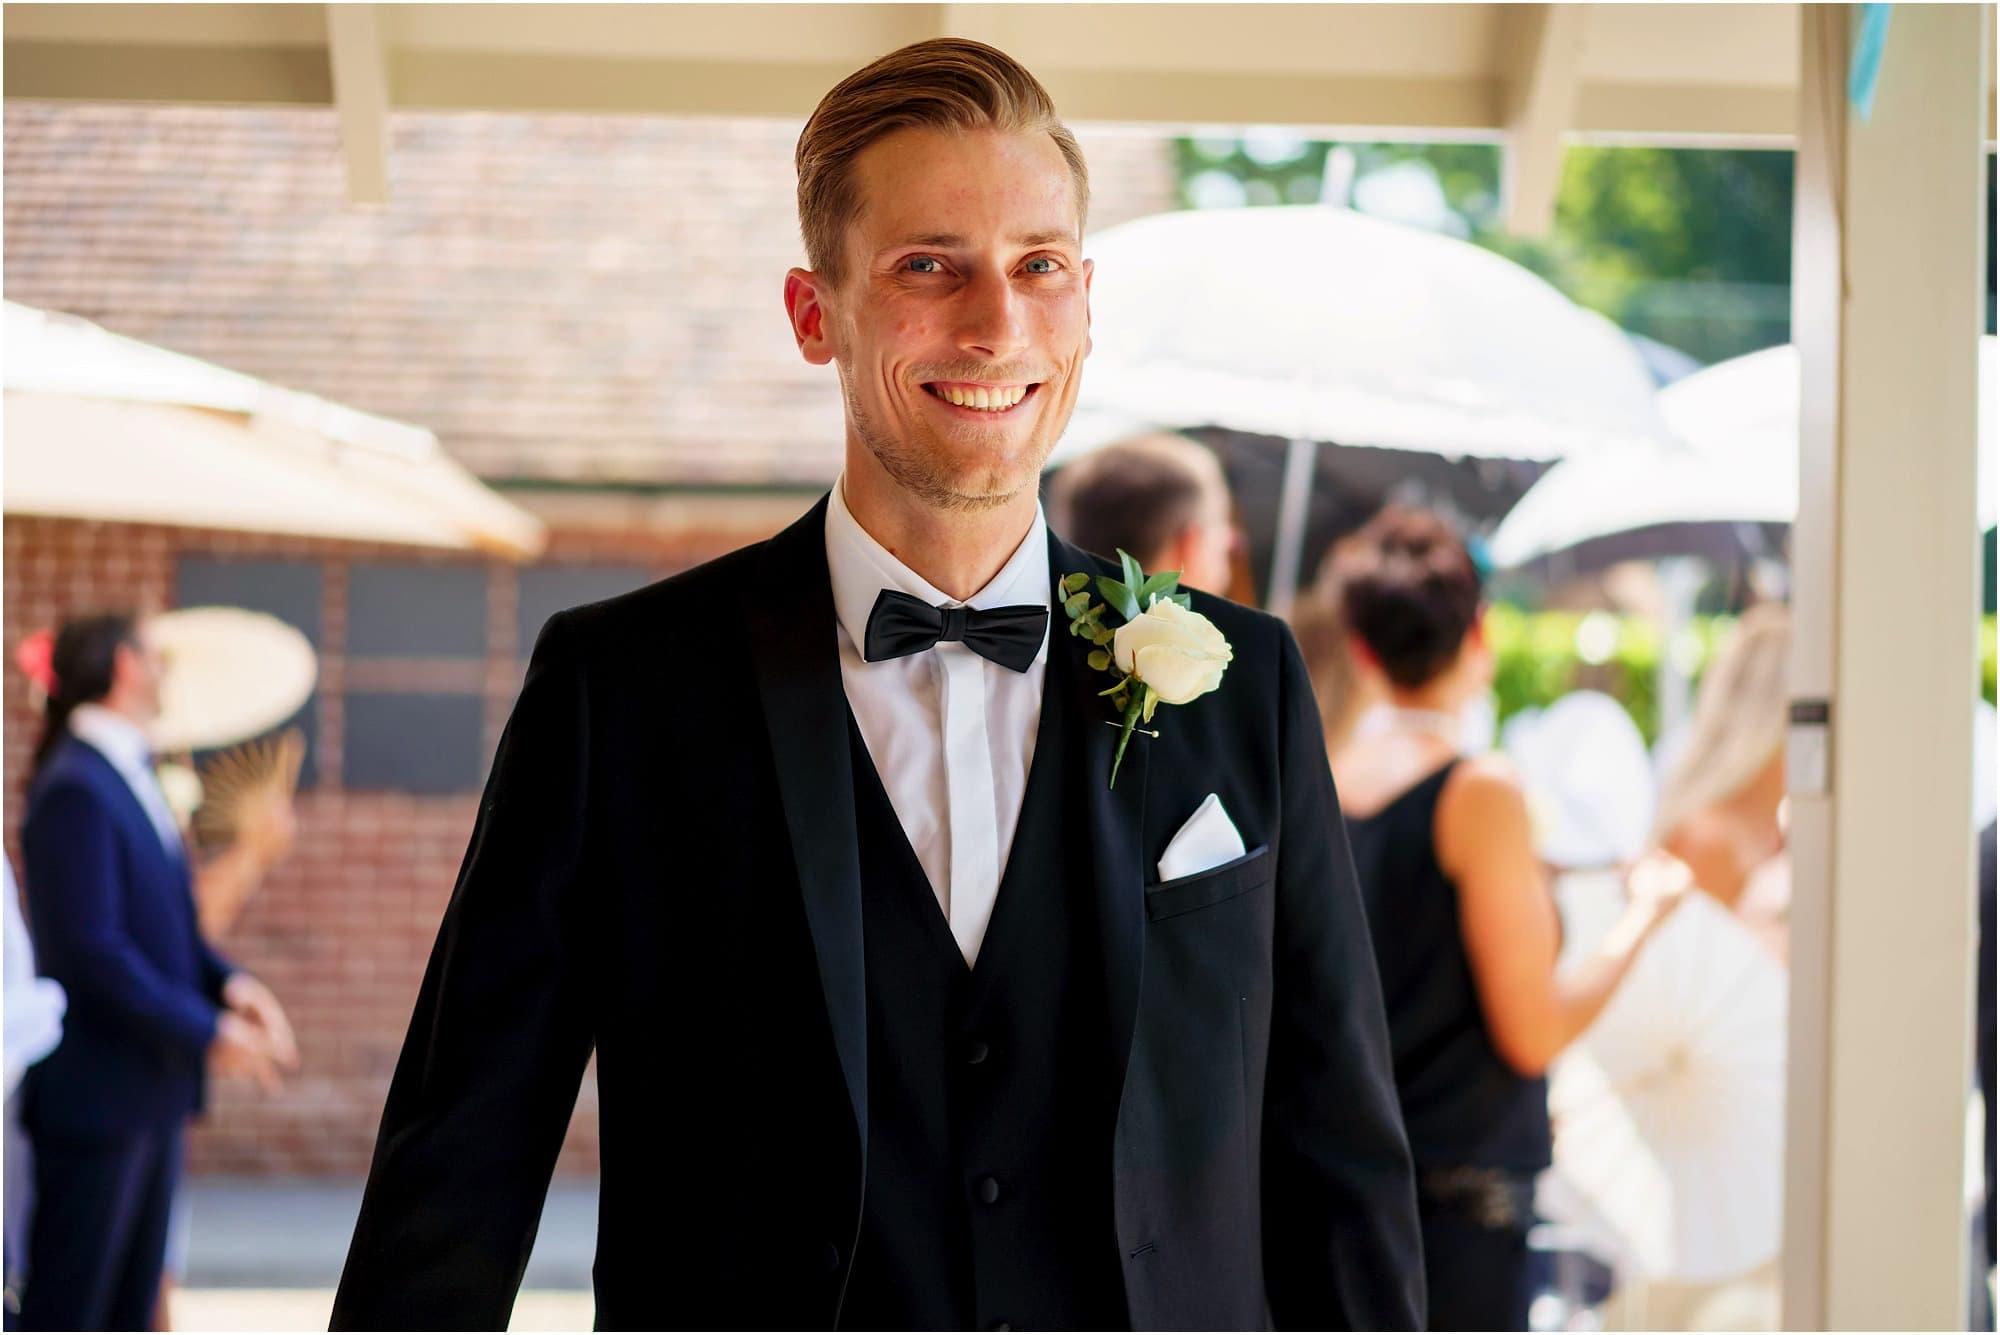 happy groom by poolside